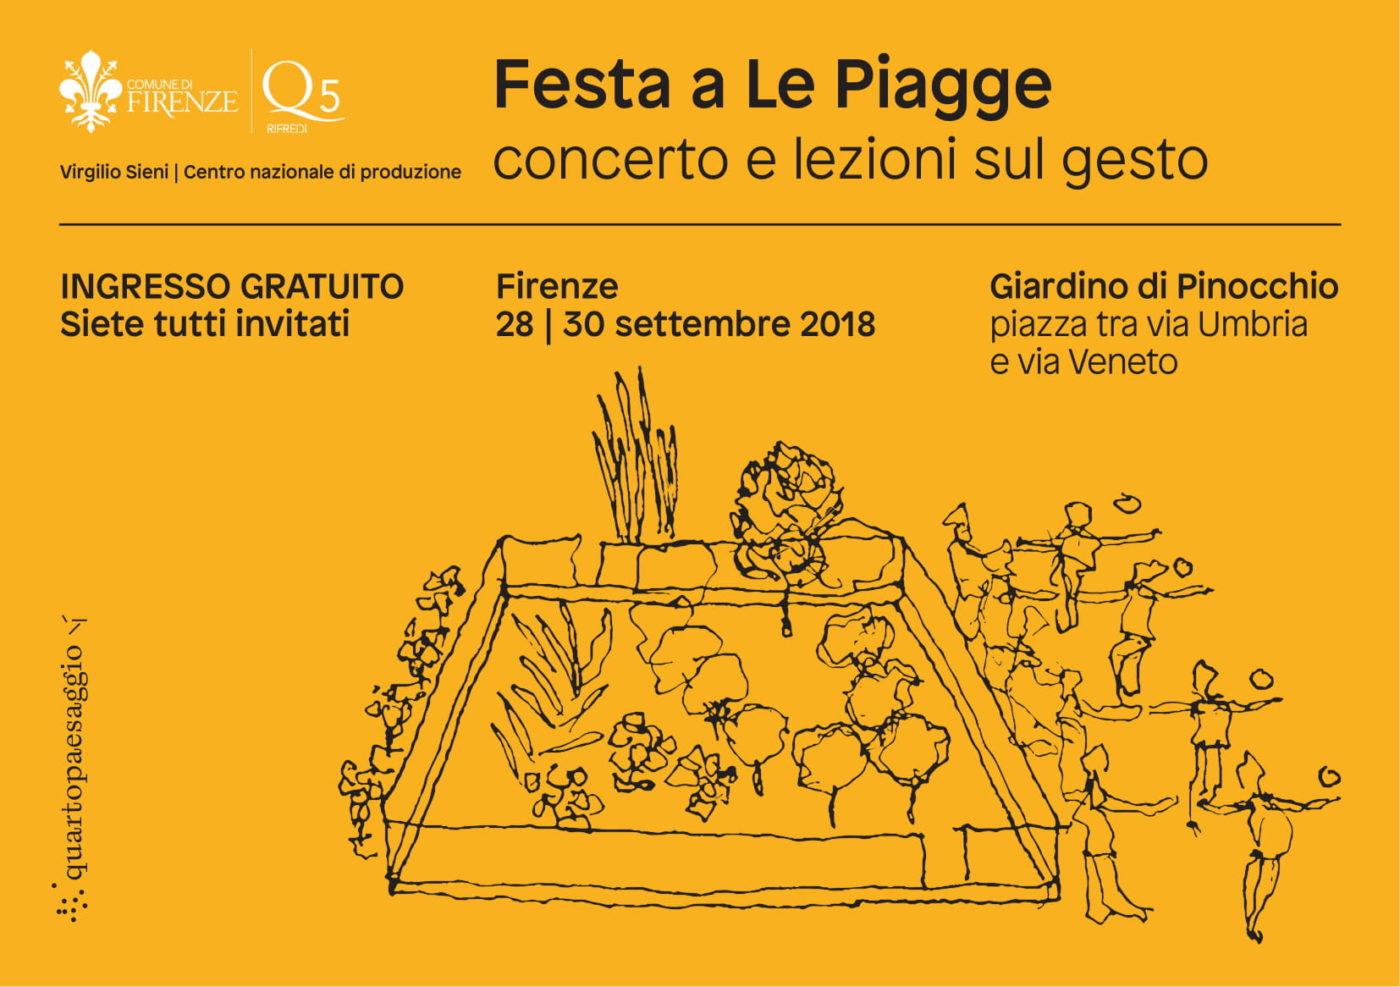 cartolina LE PIAGGE_Q5_29AGO_2-1